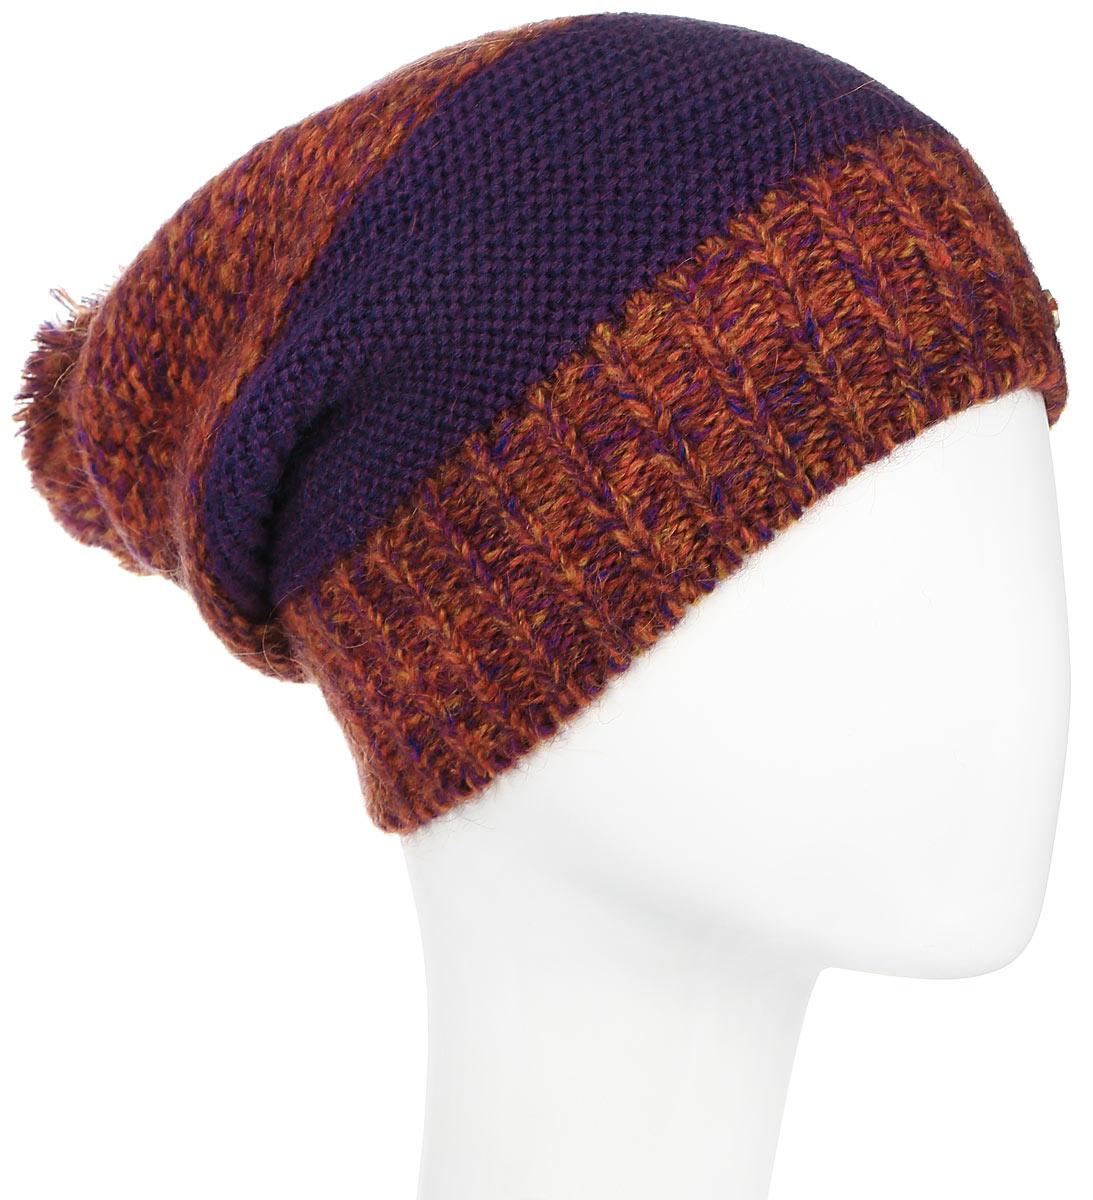 Шапка женская Dispacci, цвет: фиолетовый, оранжевый. 21120M. Размер универсальный21120MСтильная женская шапка Dispacci, изготовленная из мягкой итальянской пряжи смешанного состава, она обладает хорошими дышащими свойствами и хорошо удерживает тепло. Элегантная шапка немного удлиненная и свободная в макушке дополнена пушистым помпоном. Практичная форма модели делает ее очень комфортной, а маленькая аккуратная металлическая пластина с названием бренда подчеркивает ее оригинальность.